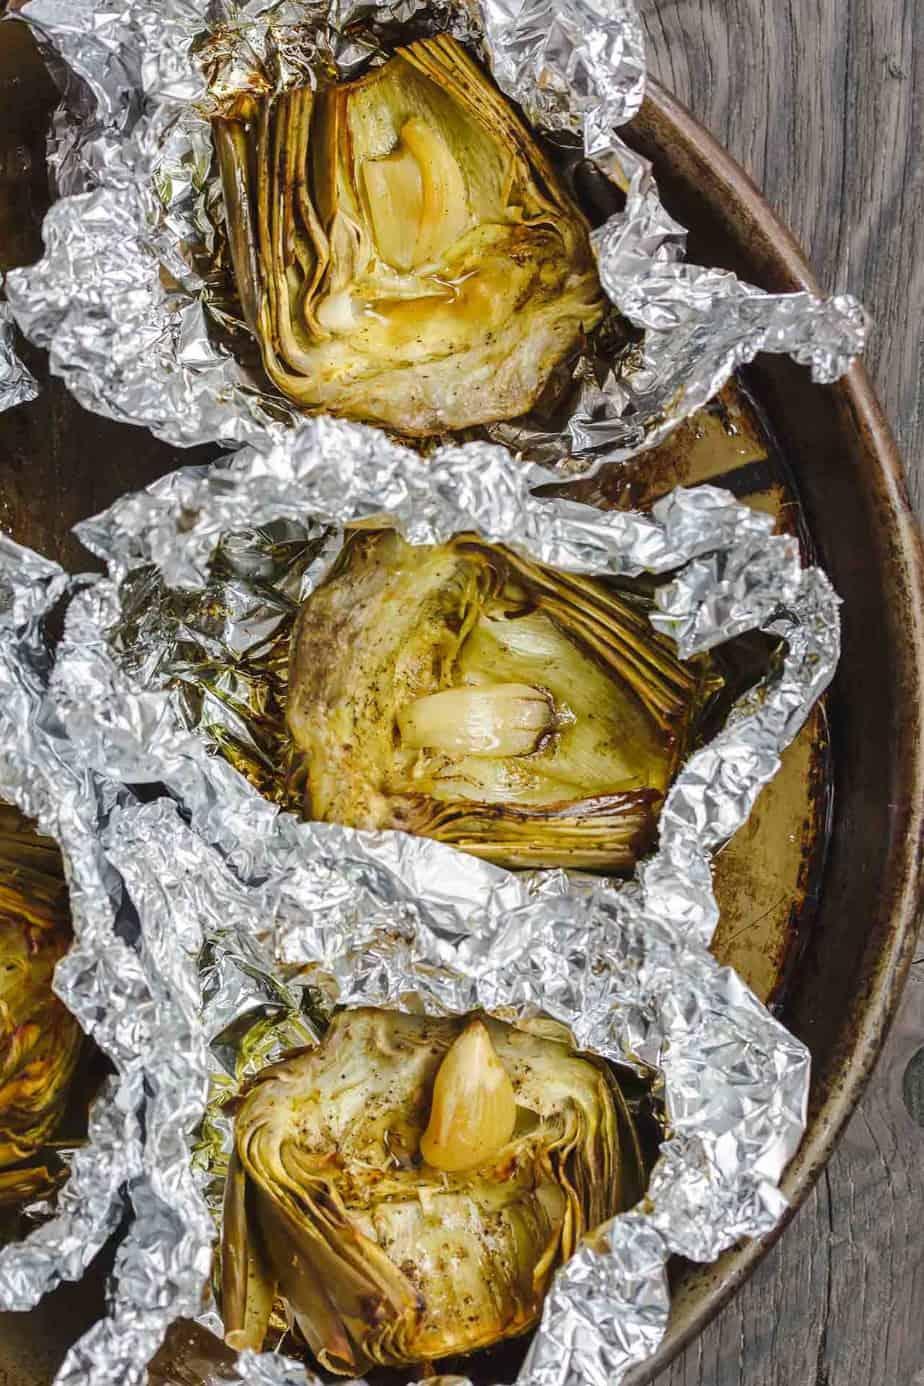 Roasted Artichoke in Foil